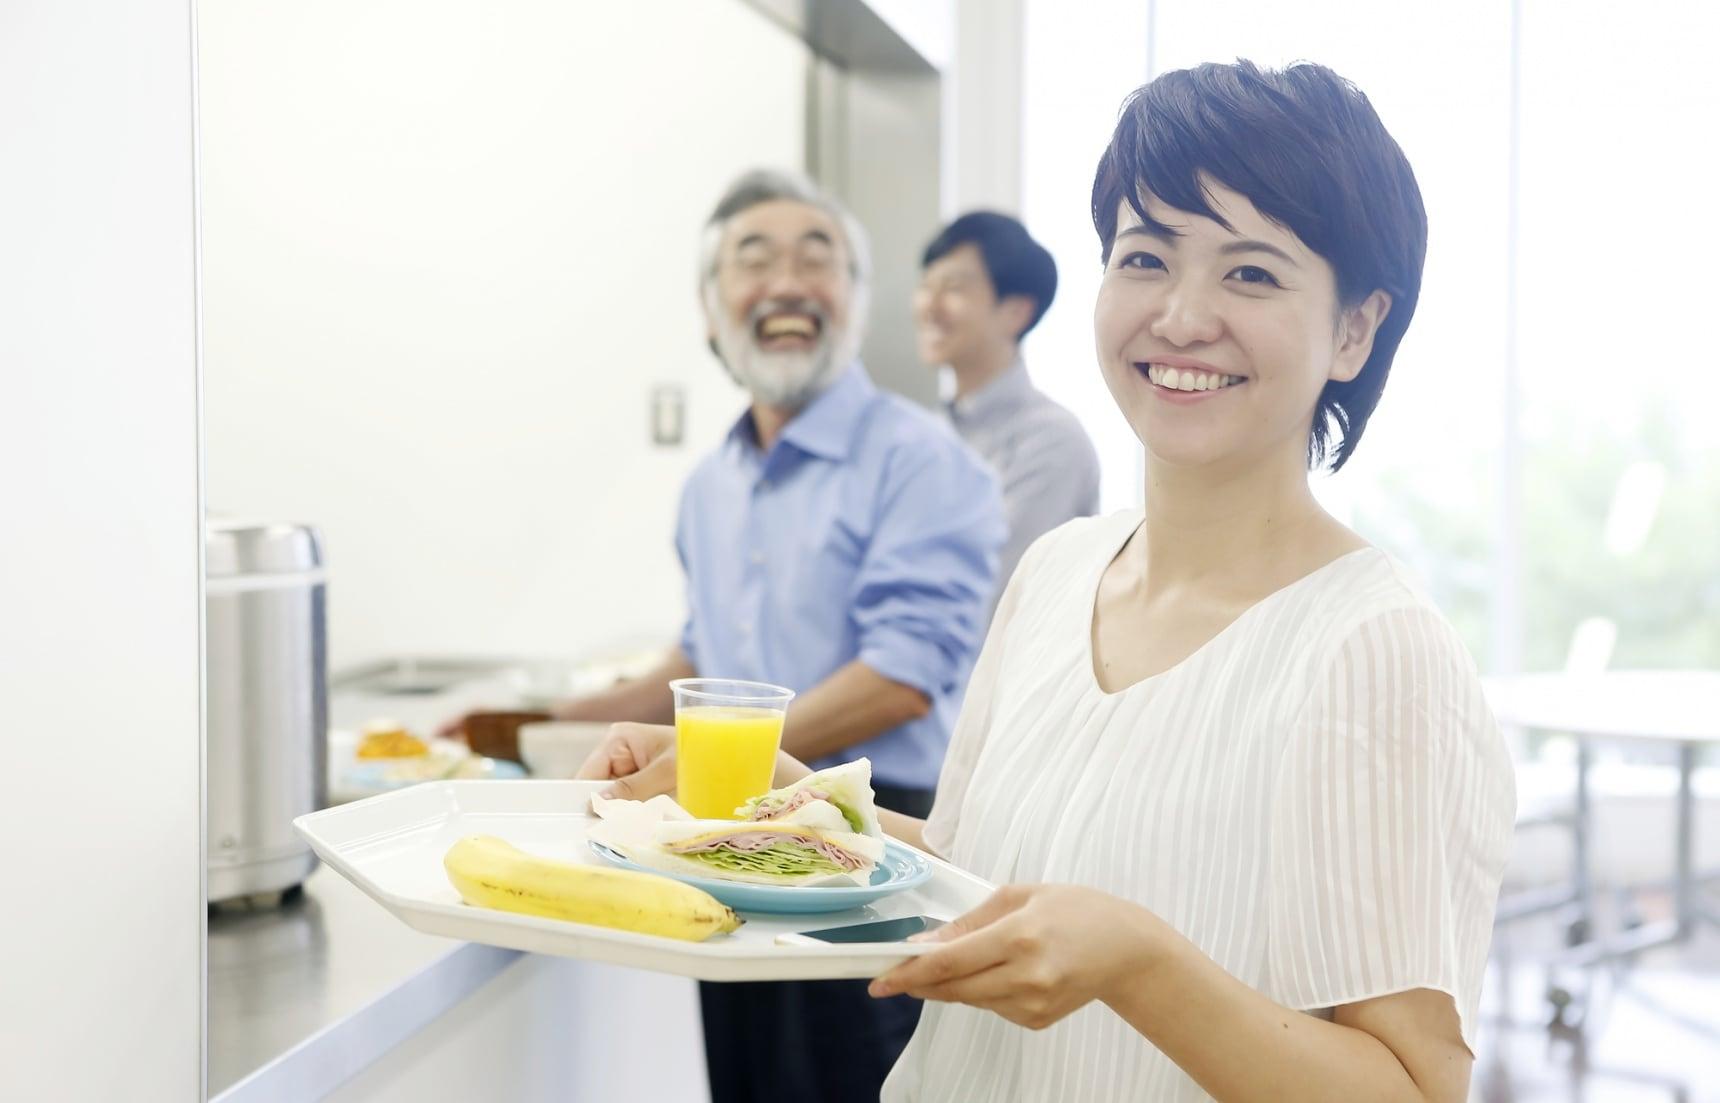 淺入東京職場的員工餐廳「社員食堂」 看看日本上班族中午都吃些什麼